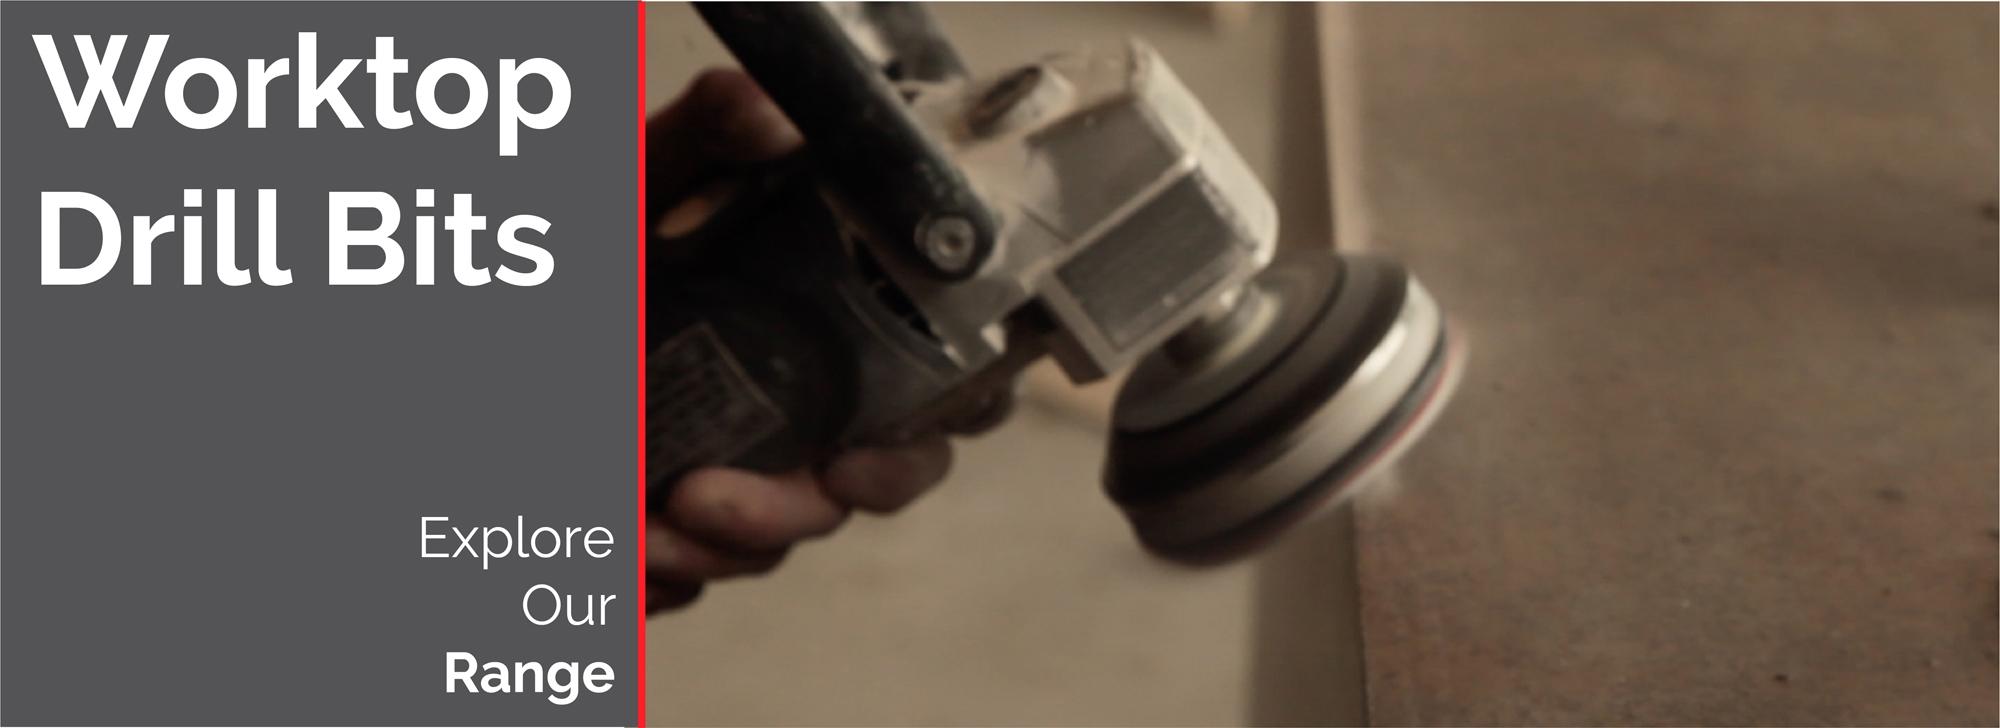 Worktop Drill Bits